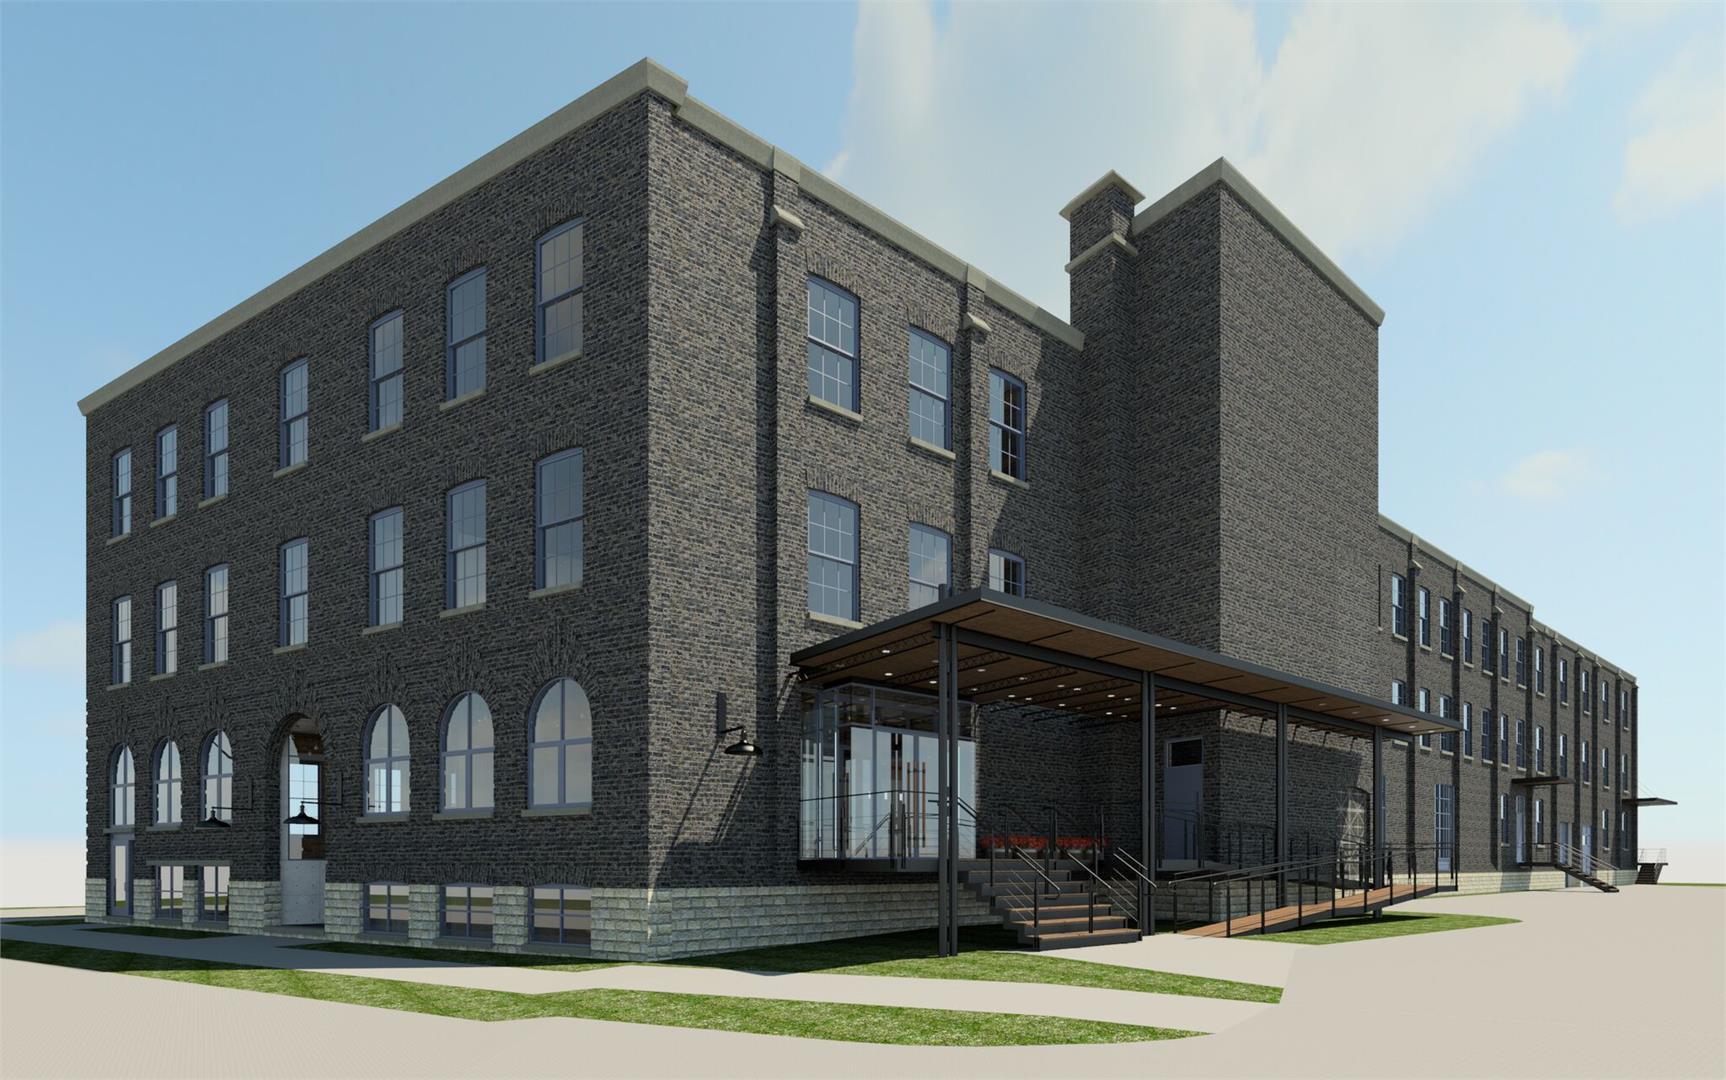 Condoville Club Toronto. Luxury Preconstruction Condos, Real Estate Ontario, Rental Guarantee, New Condos, Bradshaw lofts